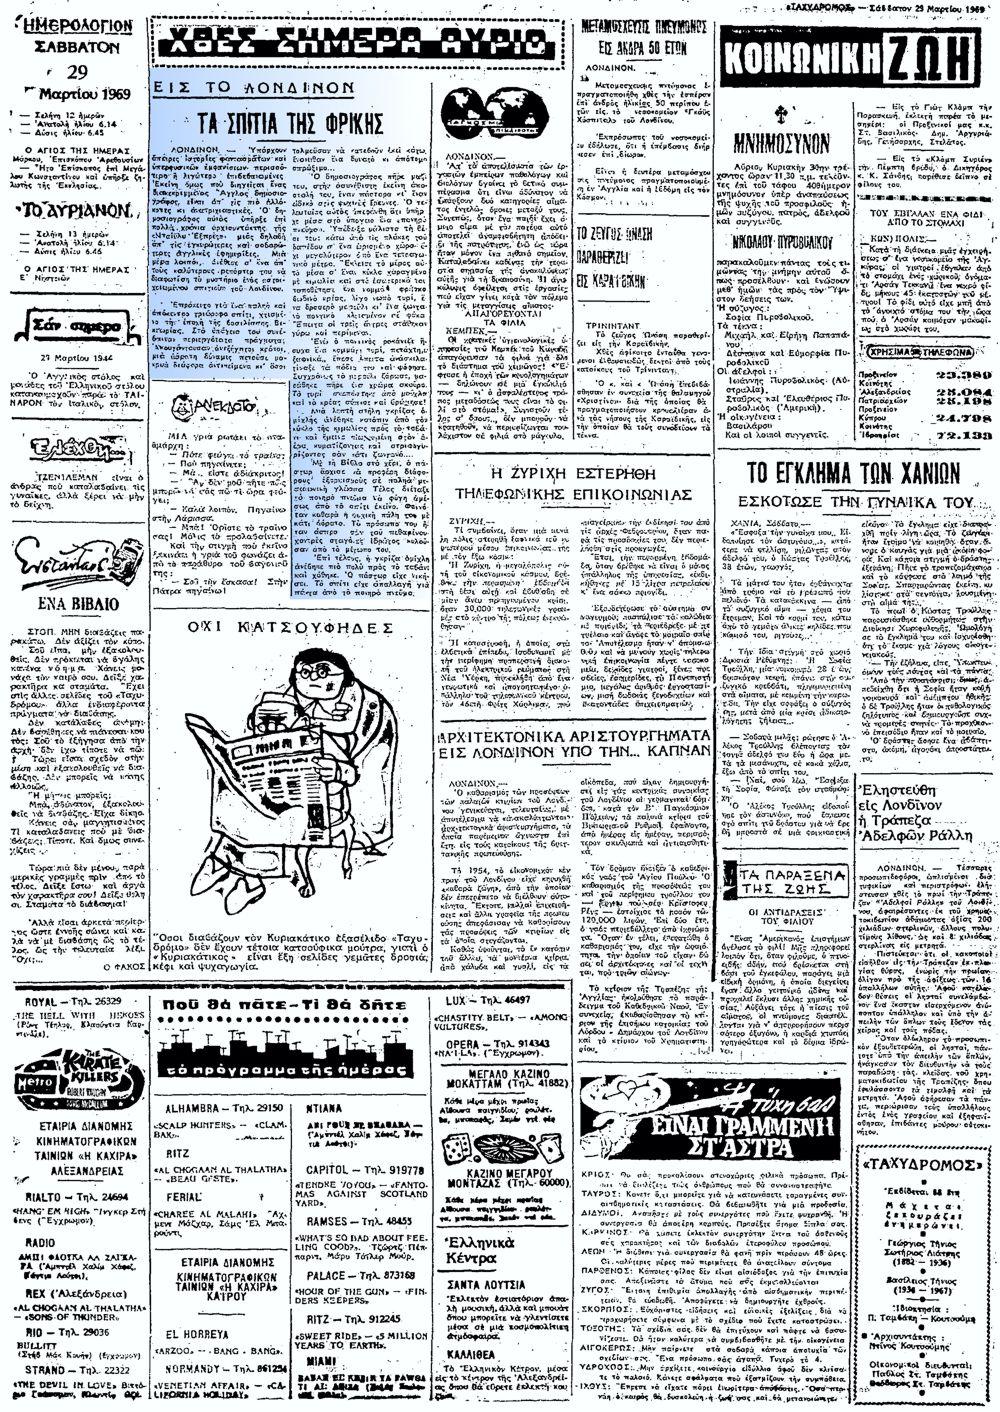 """Το άρθρο, όπως δημοσιεύθηκε στην εφημερίδα """"ΤΑΧΥΔΡΟΜΟΣ"""", στις 29/03/1969"""